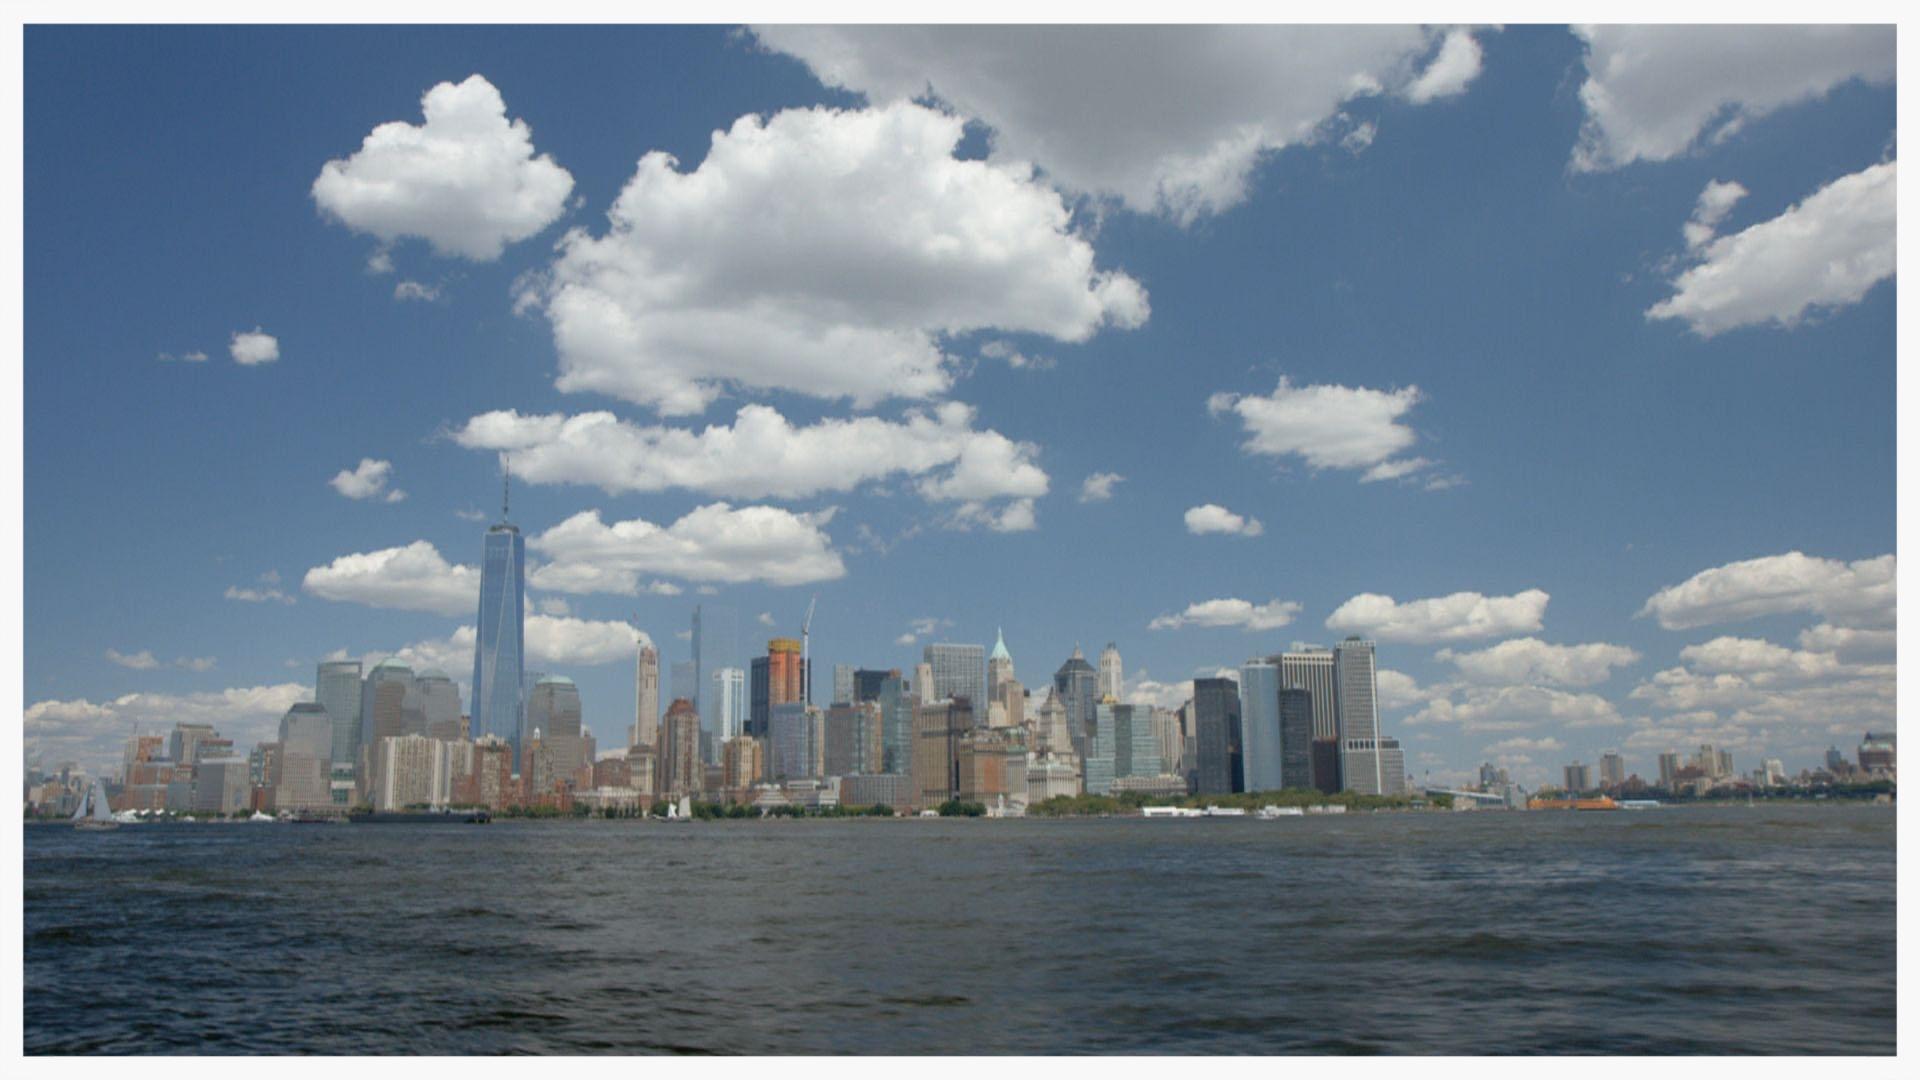 Skyline_NY.jpg